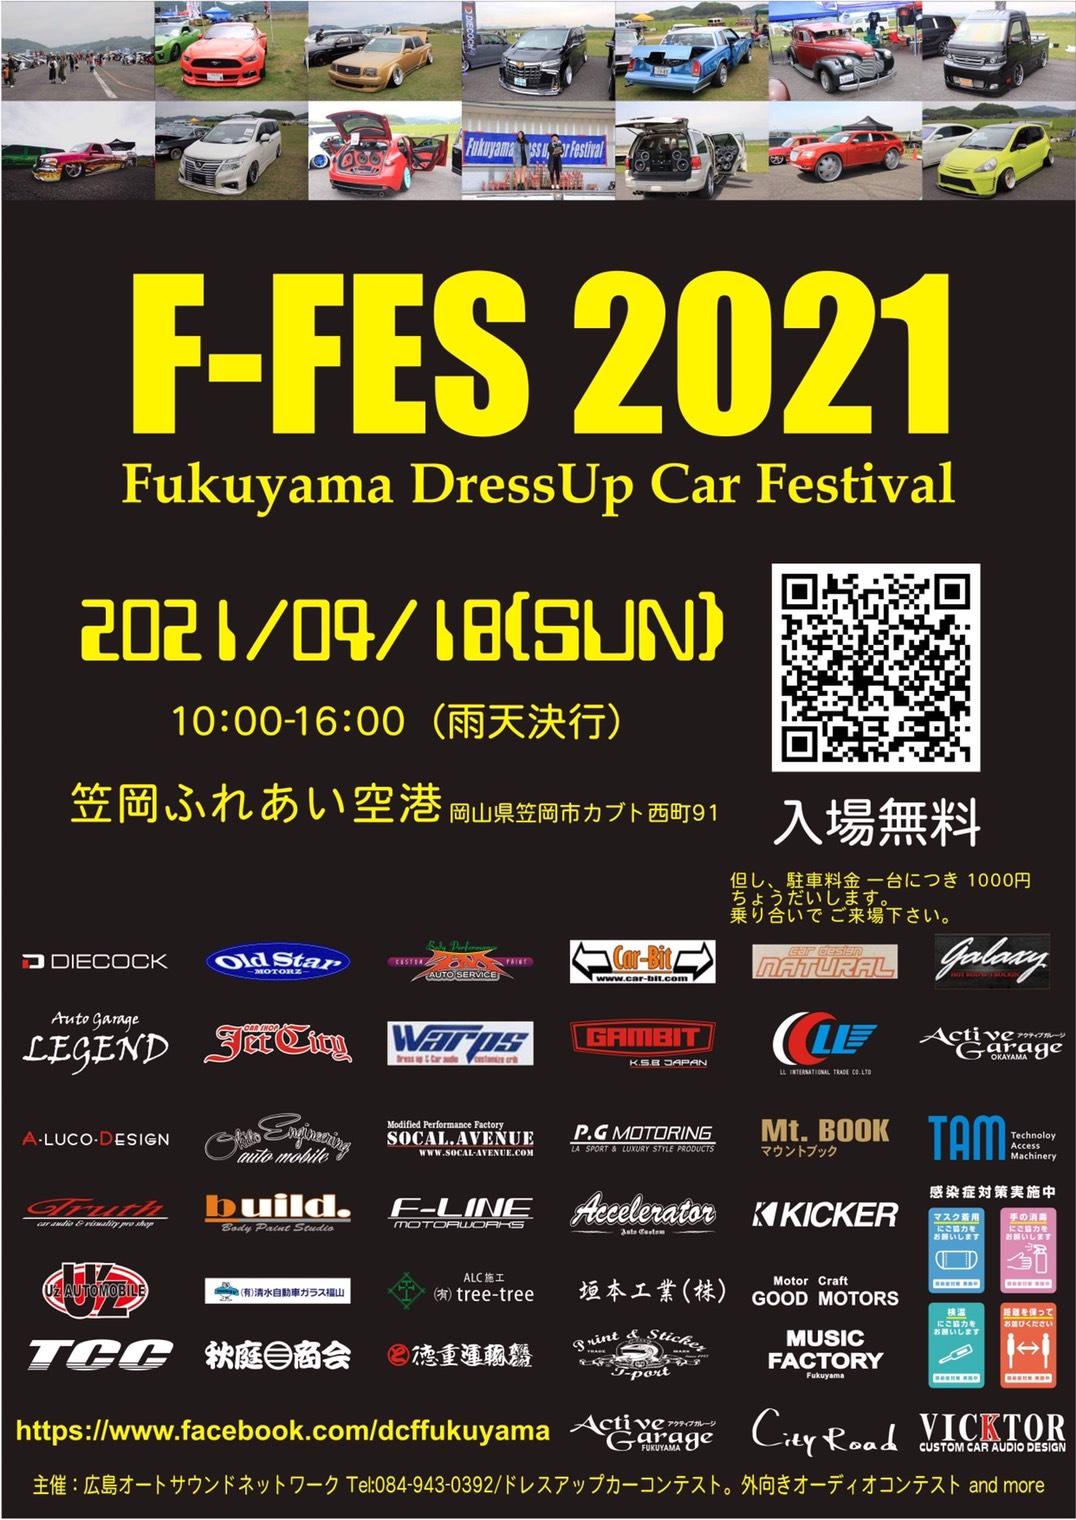 福山ドレスアップカーフェスティバル2021